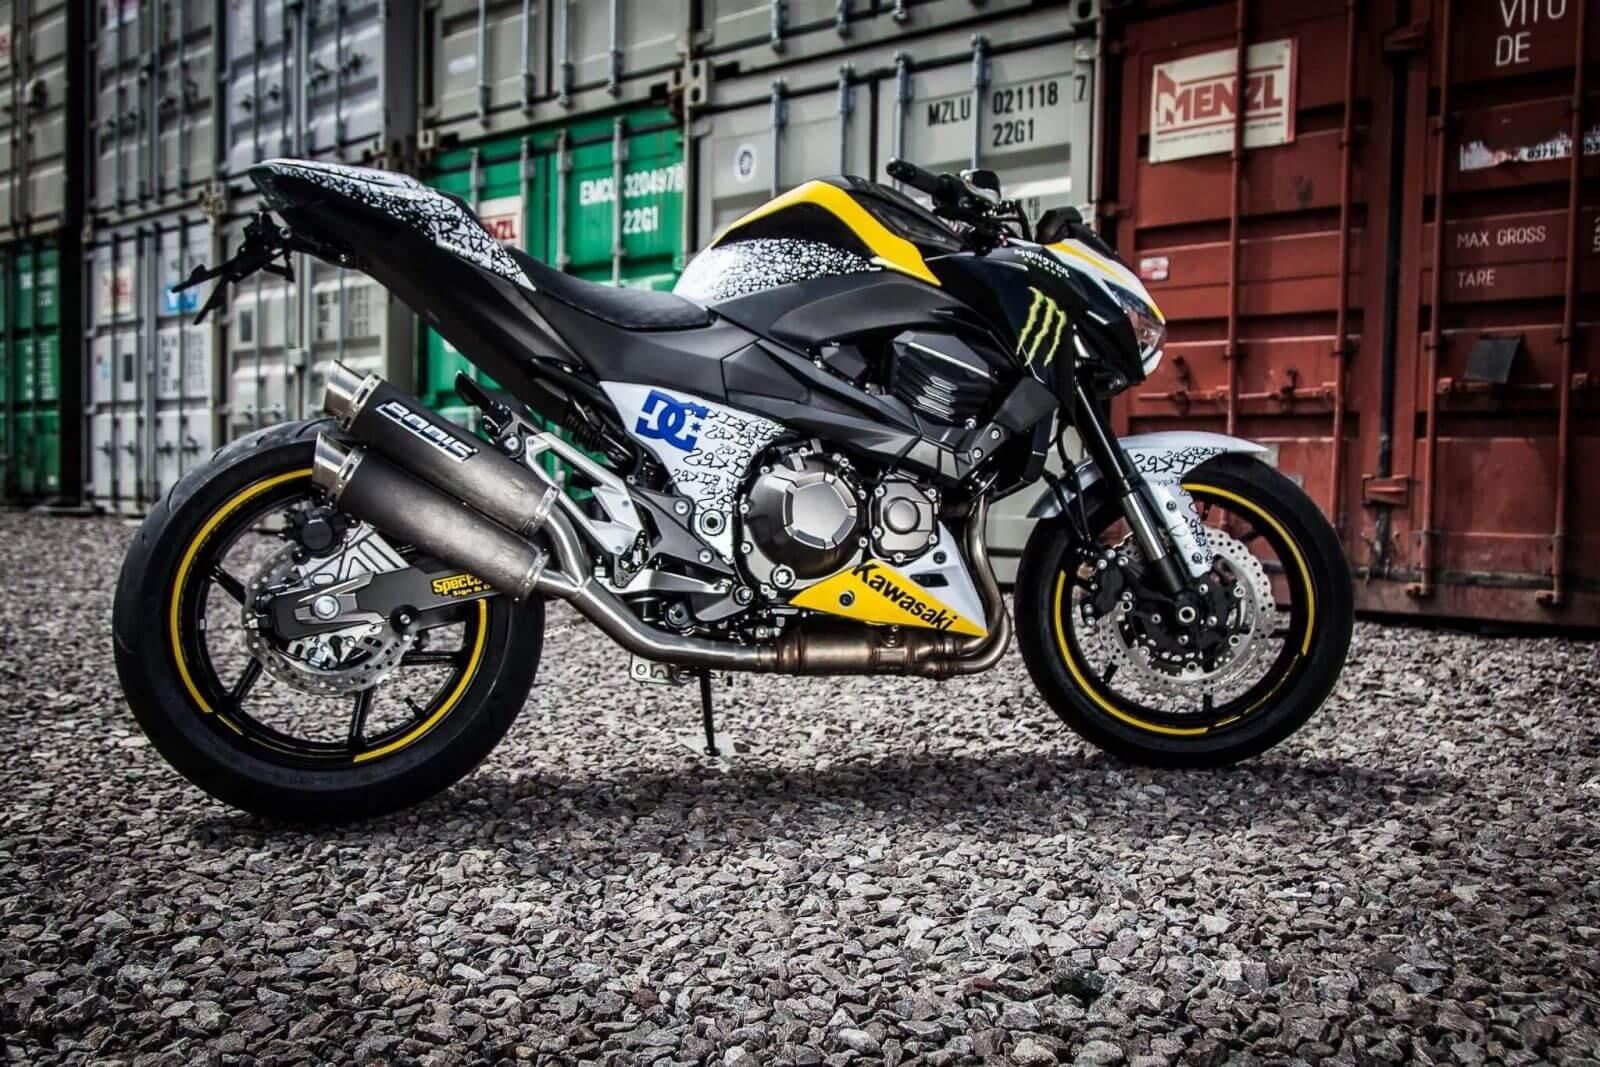 Kawasaki Z800 - Стиль, ярость и неудержимая мощь